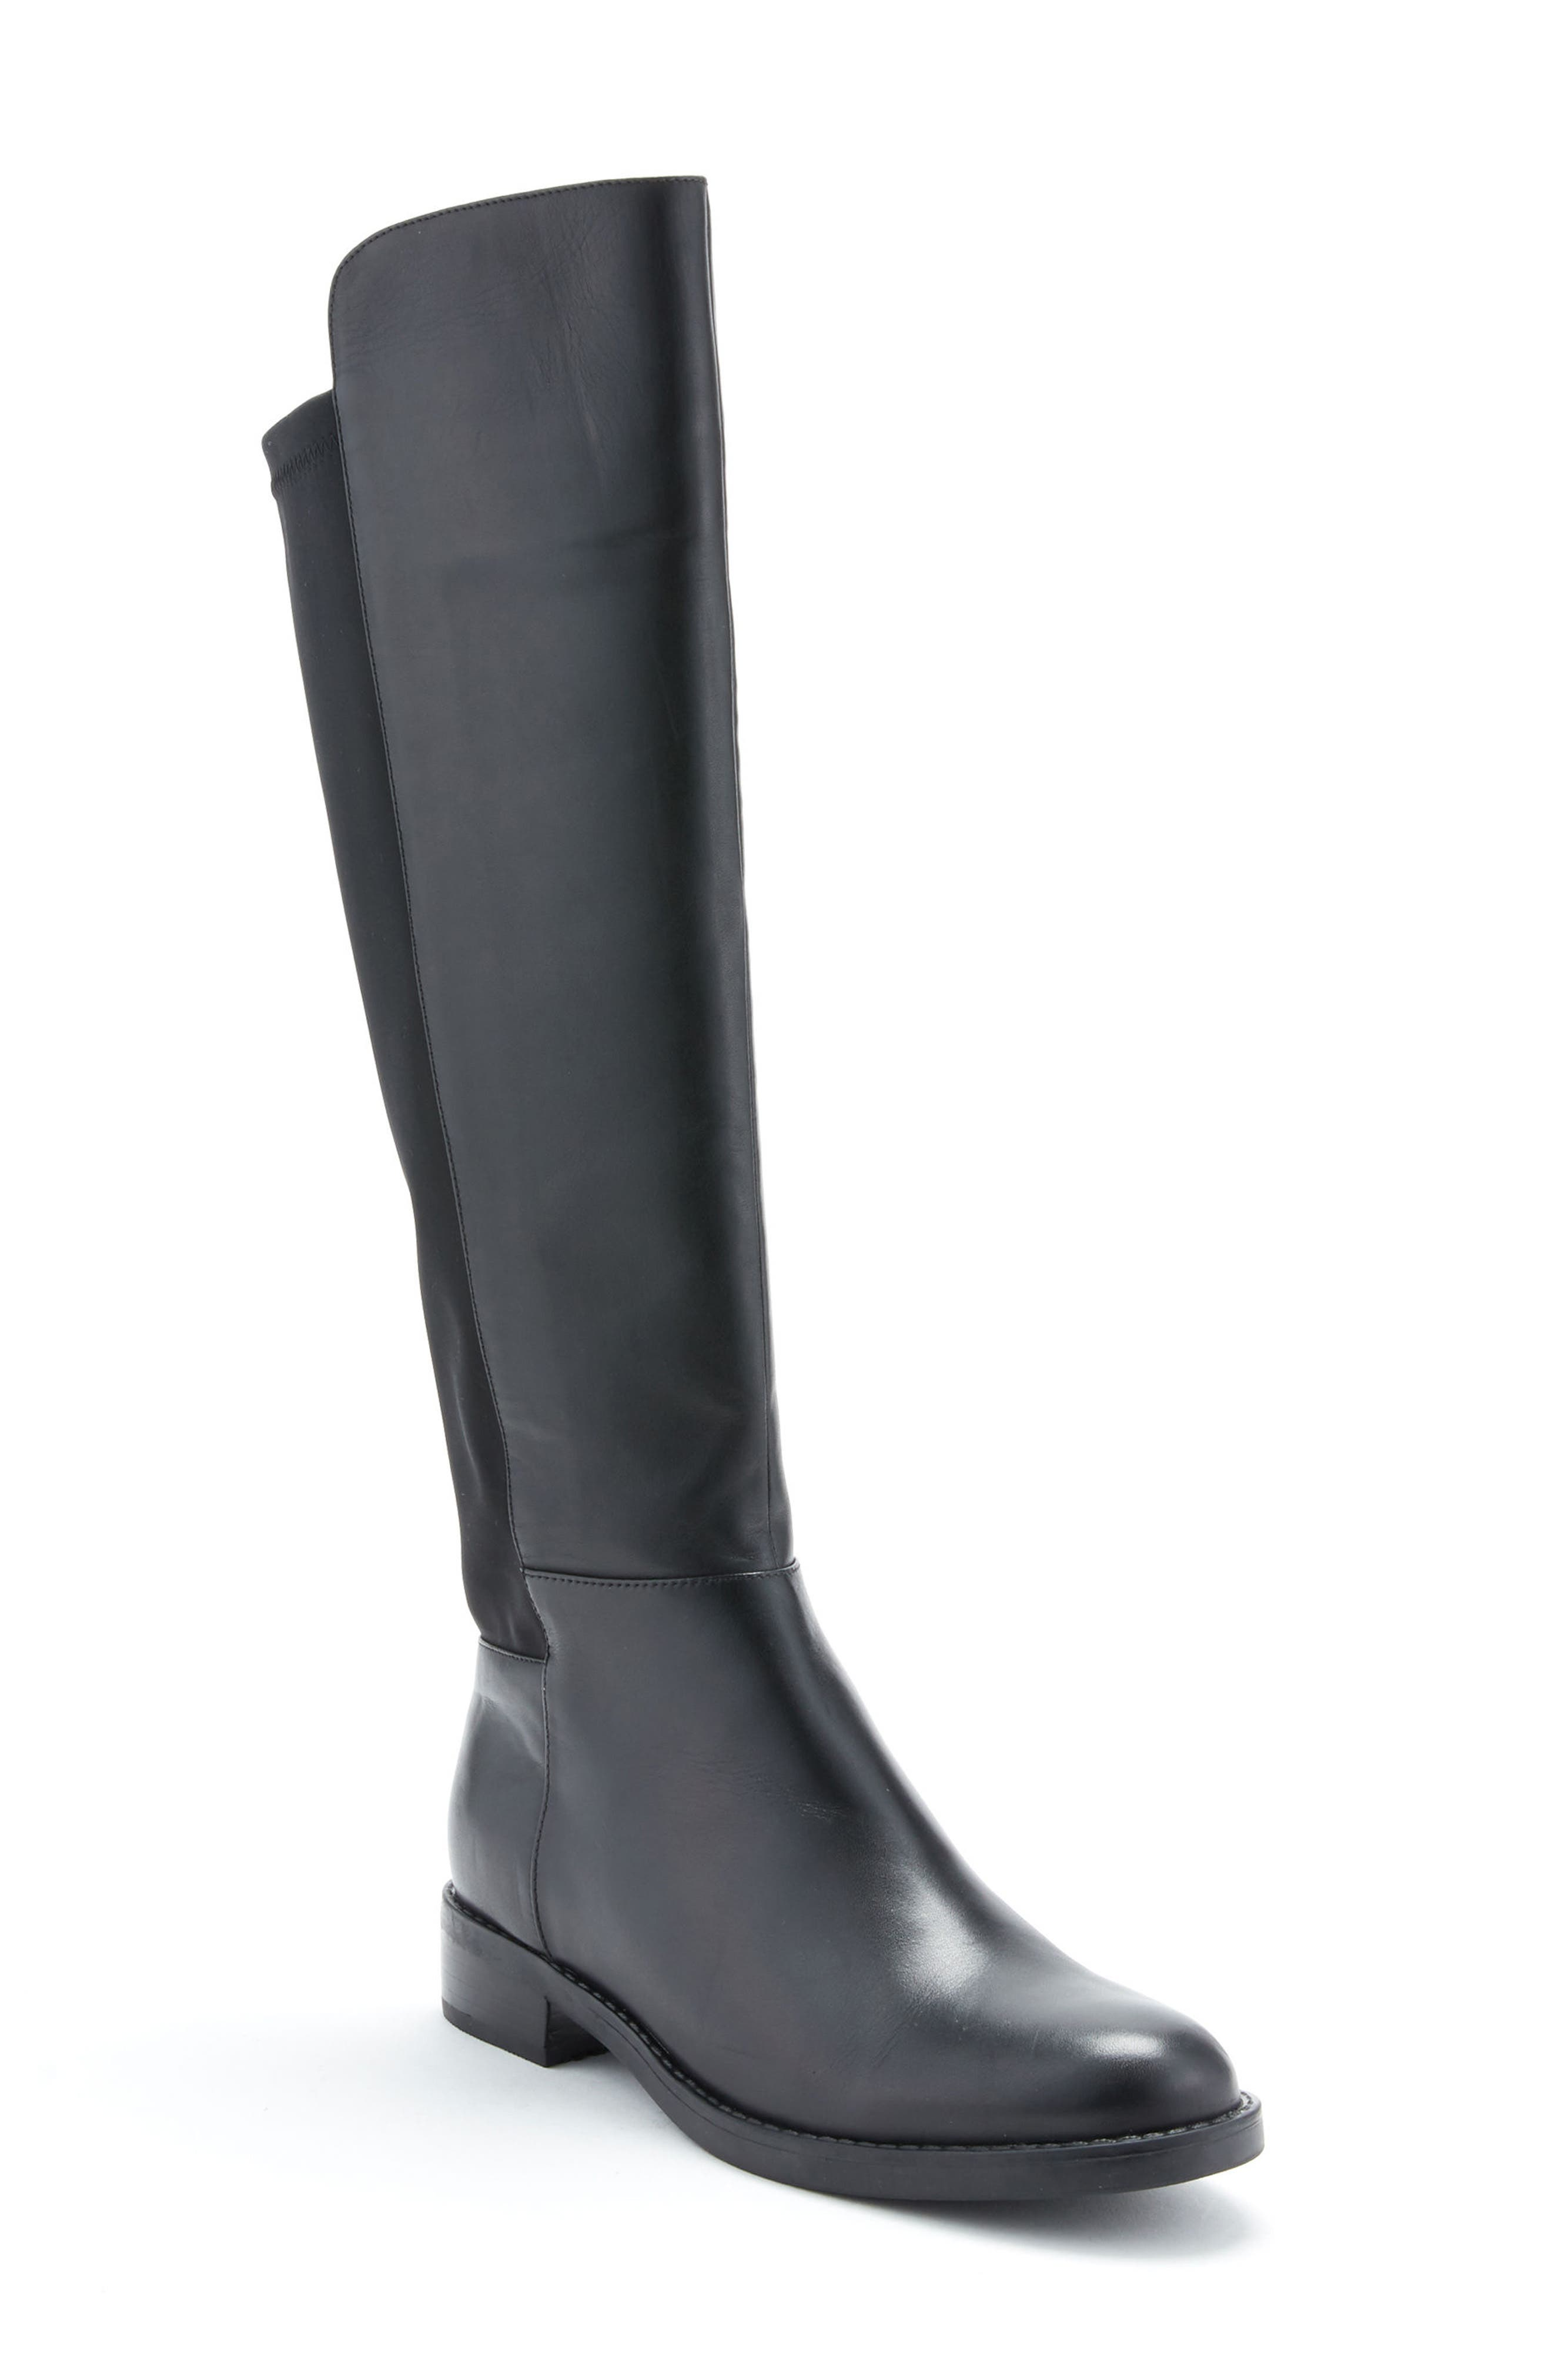 Blondo Ellie Waterproof Knee High Riding Boot- Black